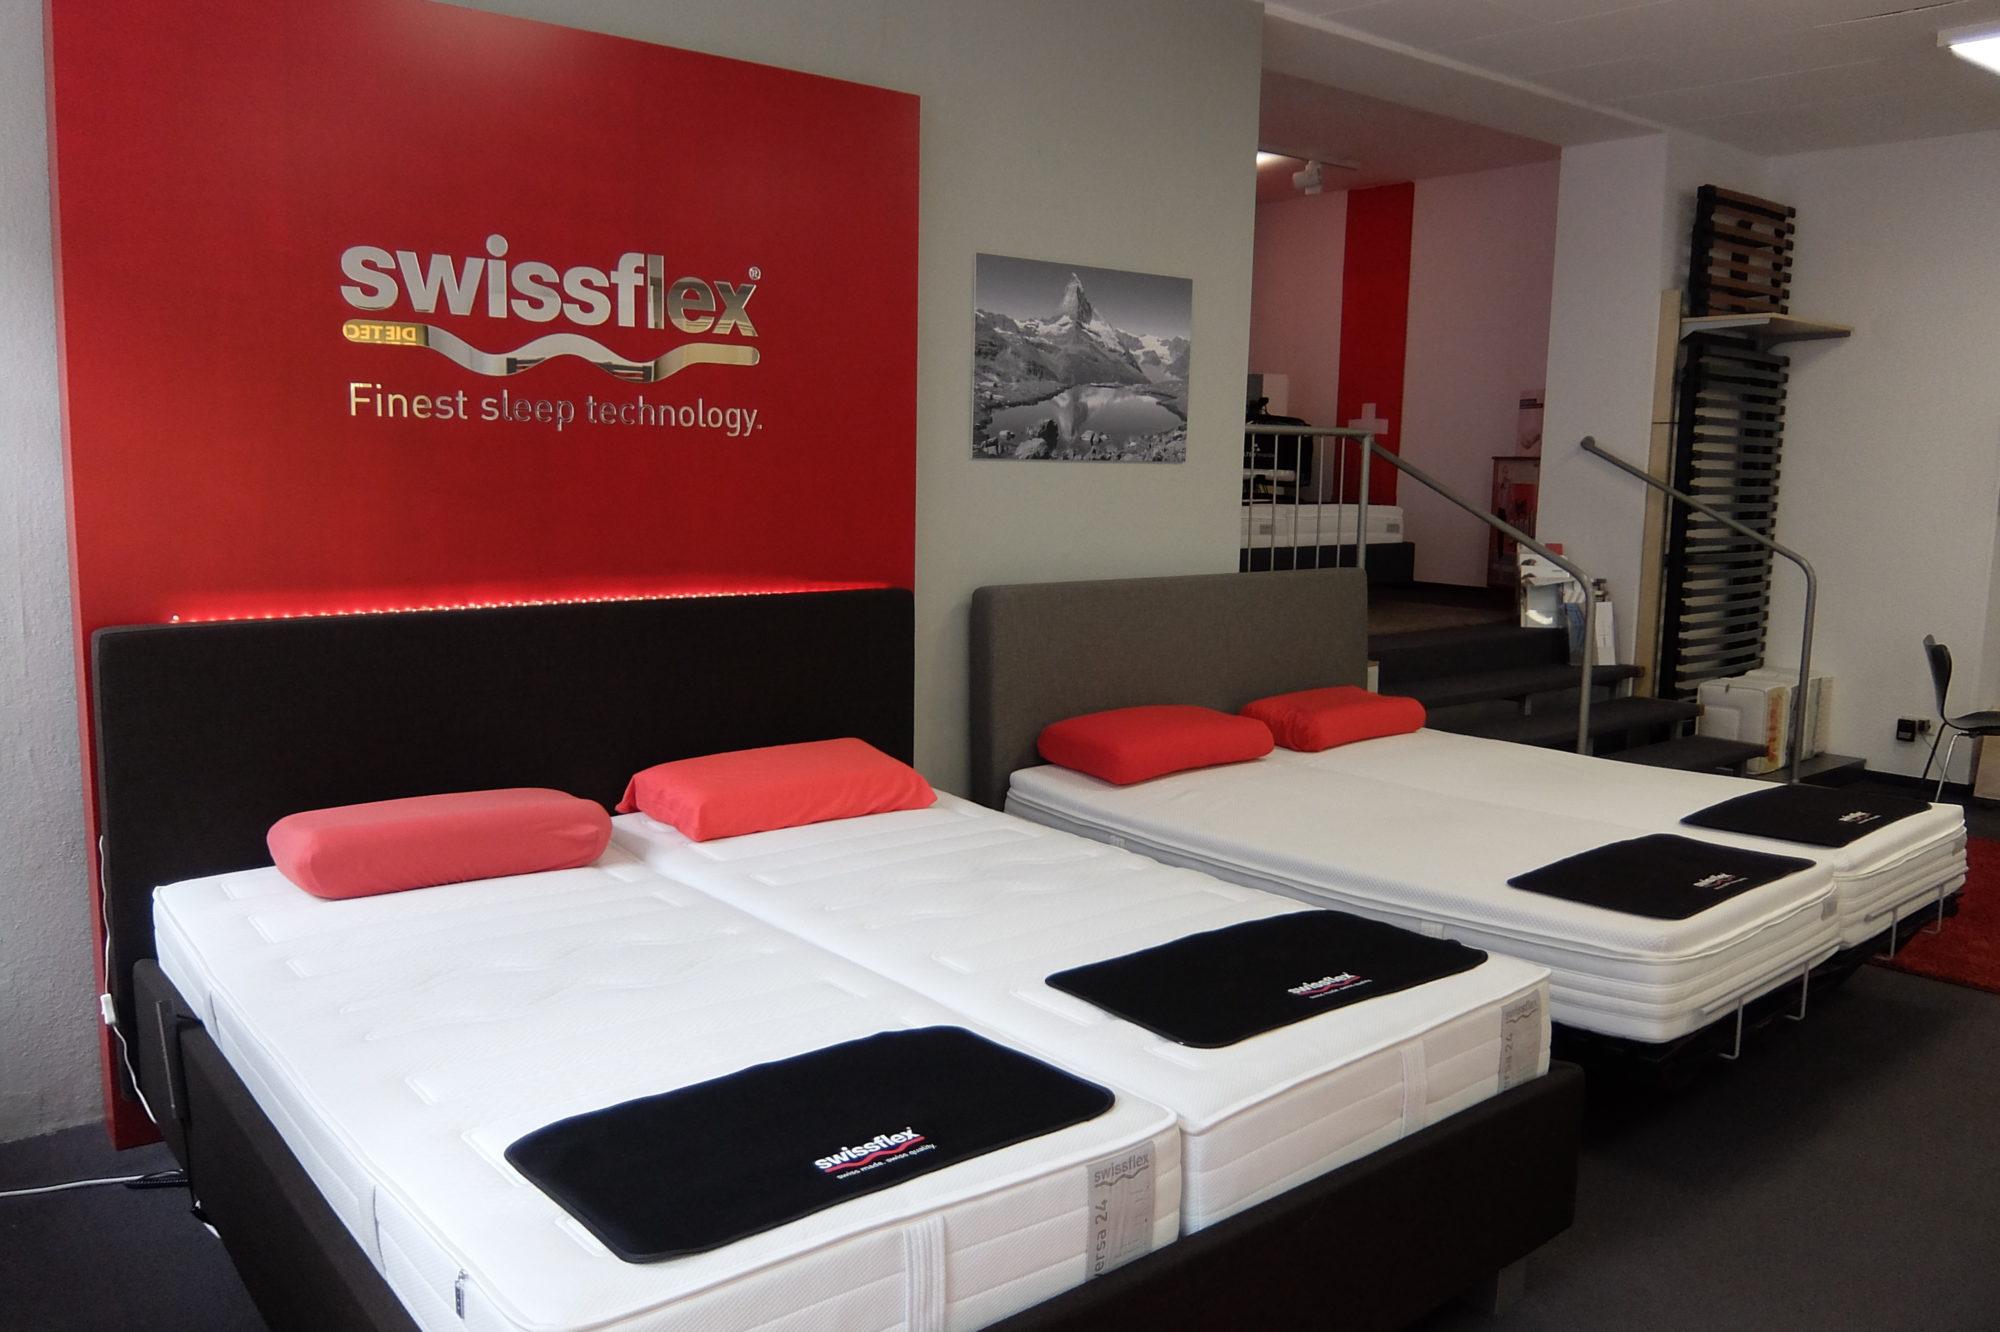 Full Size of Schlafstudio München Betten Wirth Ganze Welt Der Matratzen Fr Kunden Aus Allach Sofa Wohnzimmer Schlafstudio München